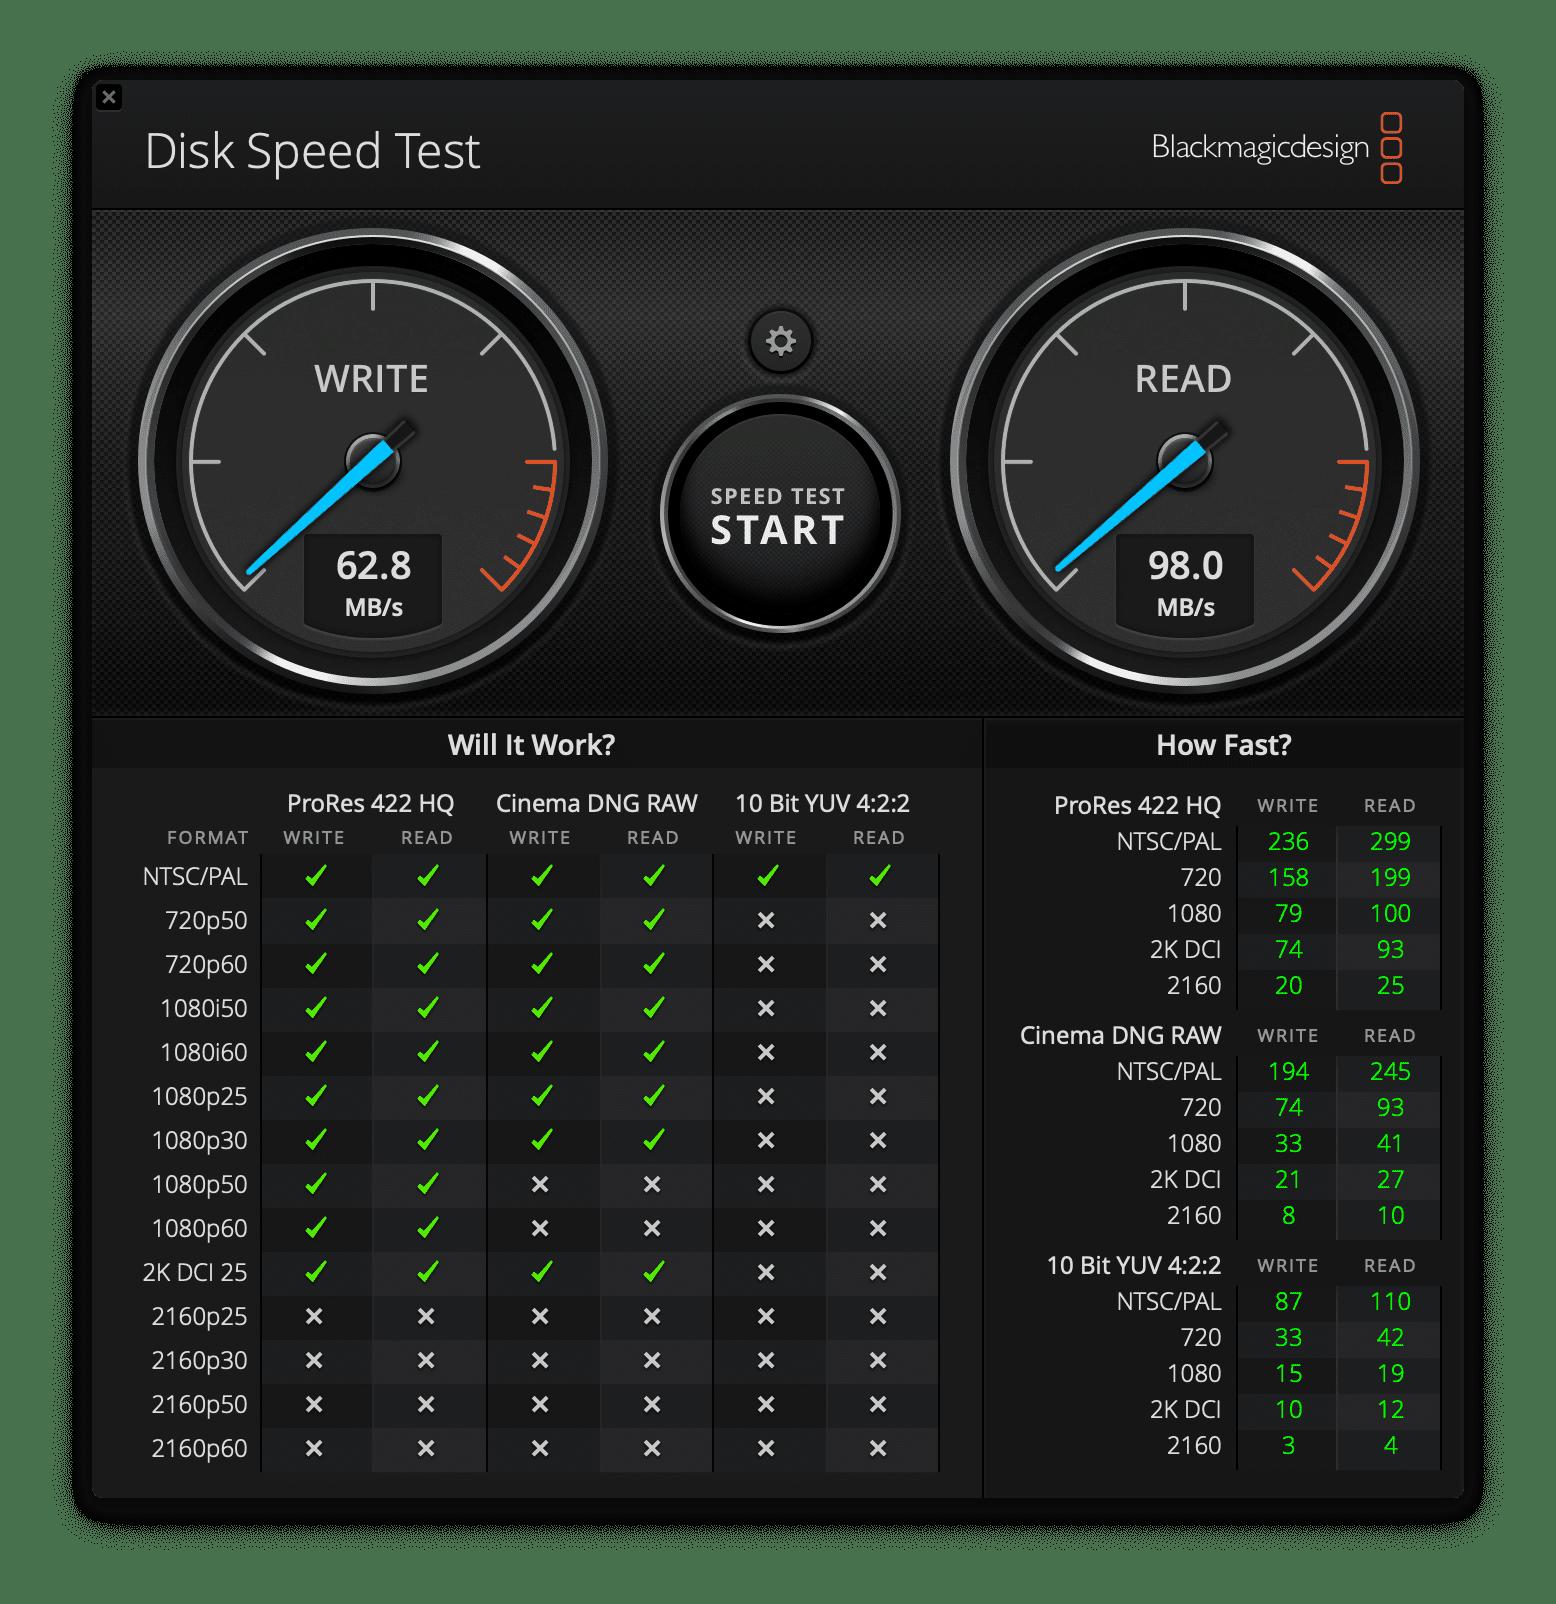 Les performances de débit de mon autre disque dur externe Seagate Expansion 1To